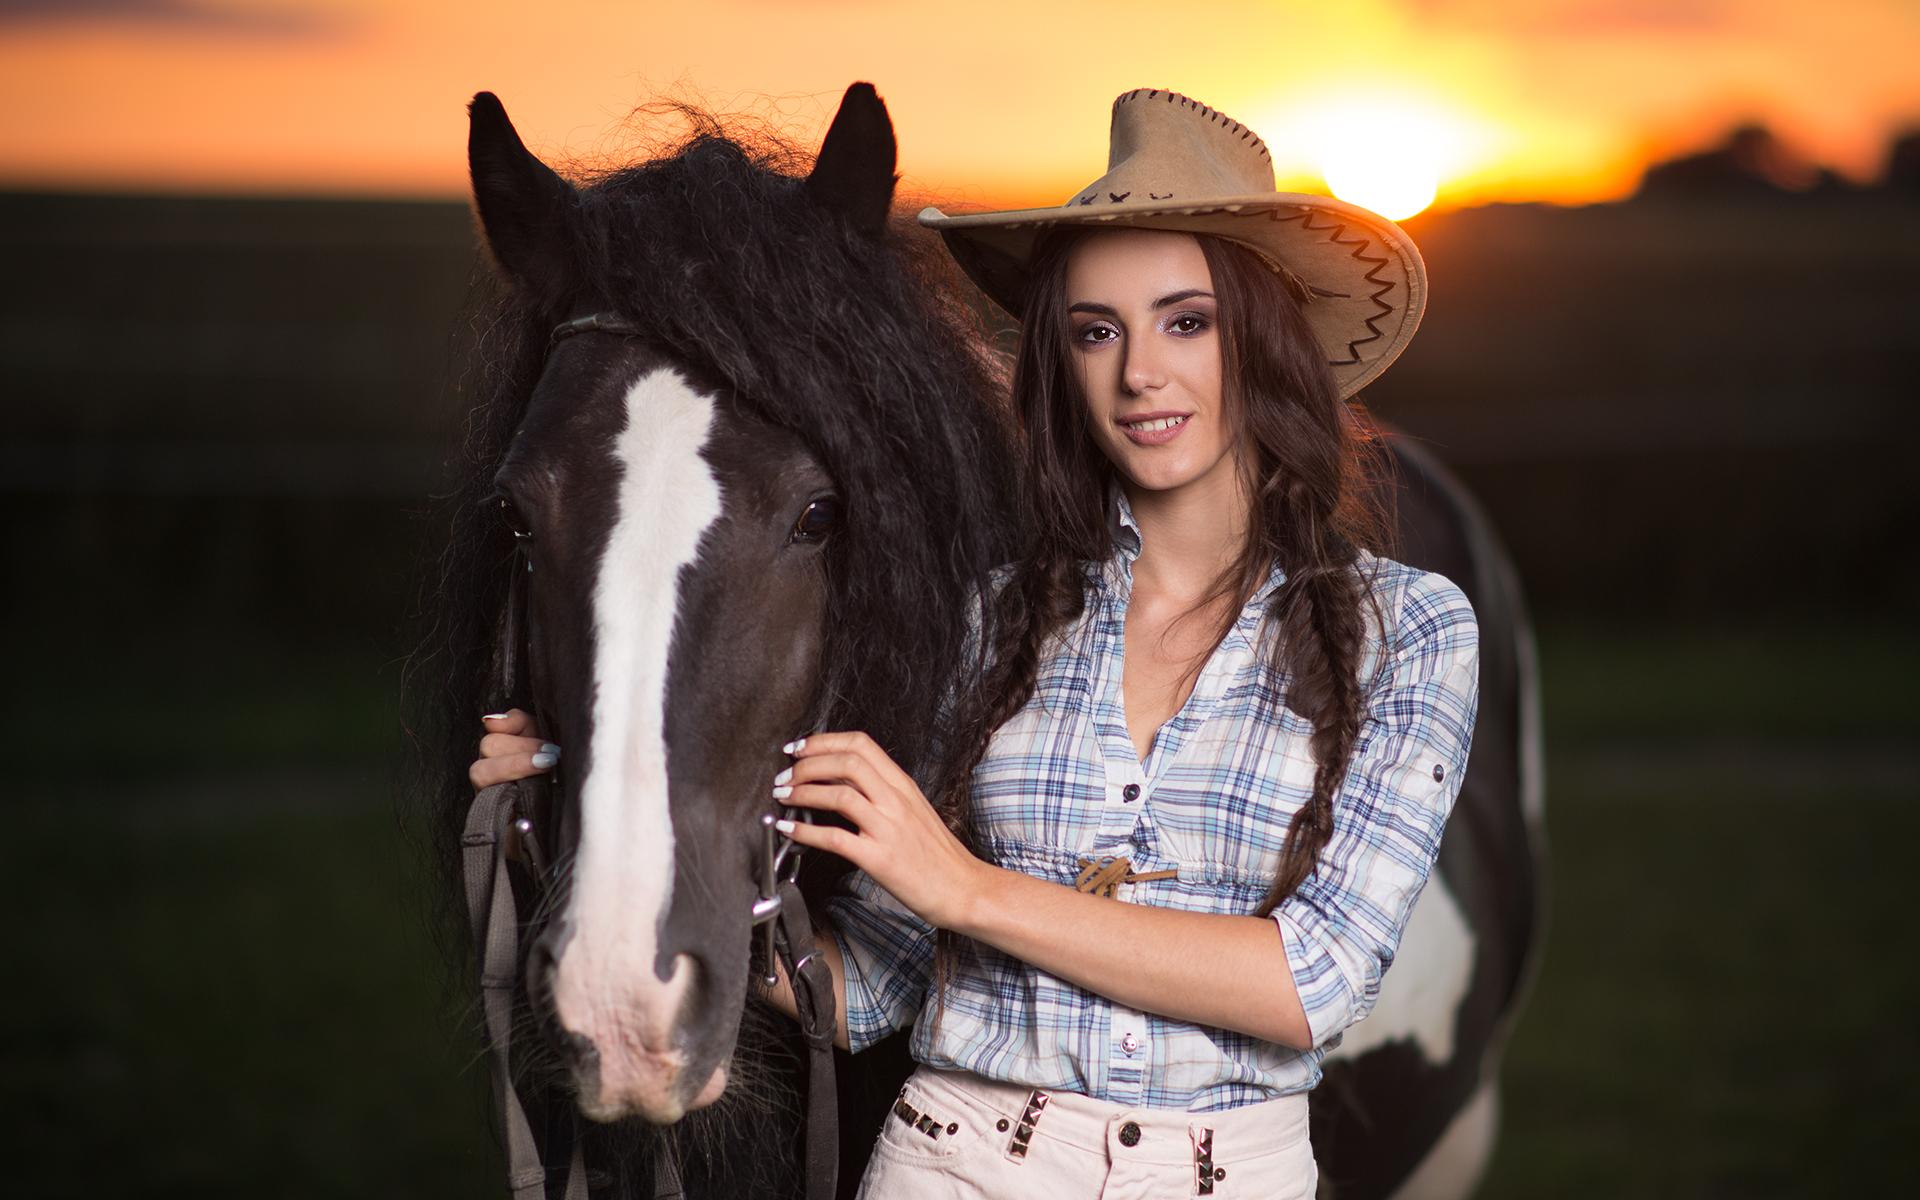 Beata Czekalska konie ranczo radawczyk stadnina sesje konne zdjęcia koni Lublin Piotr Dejneka fotograf